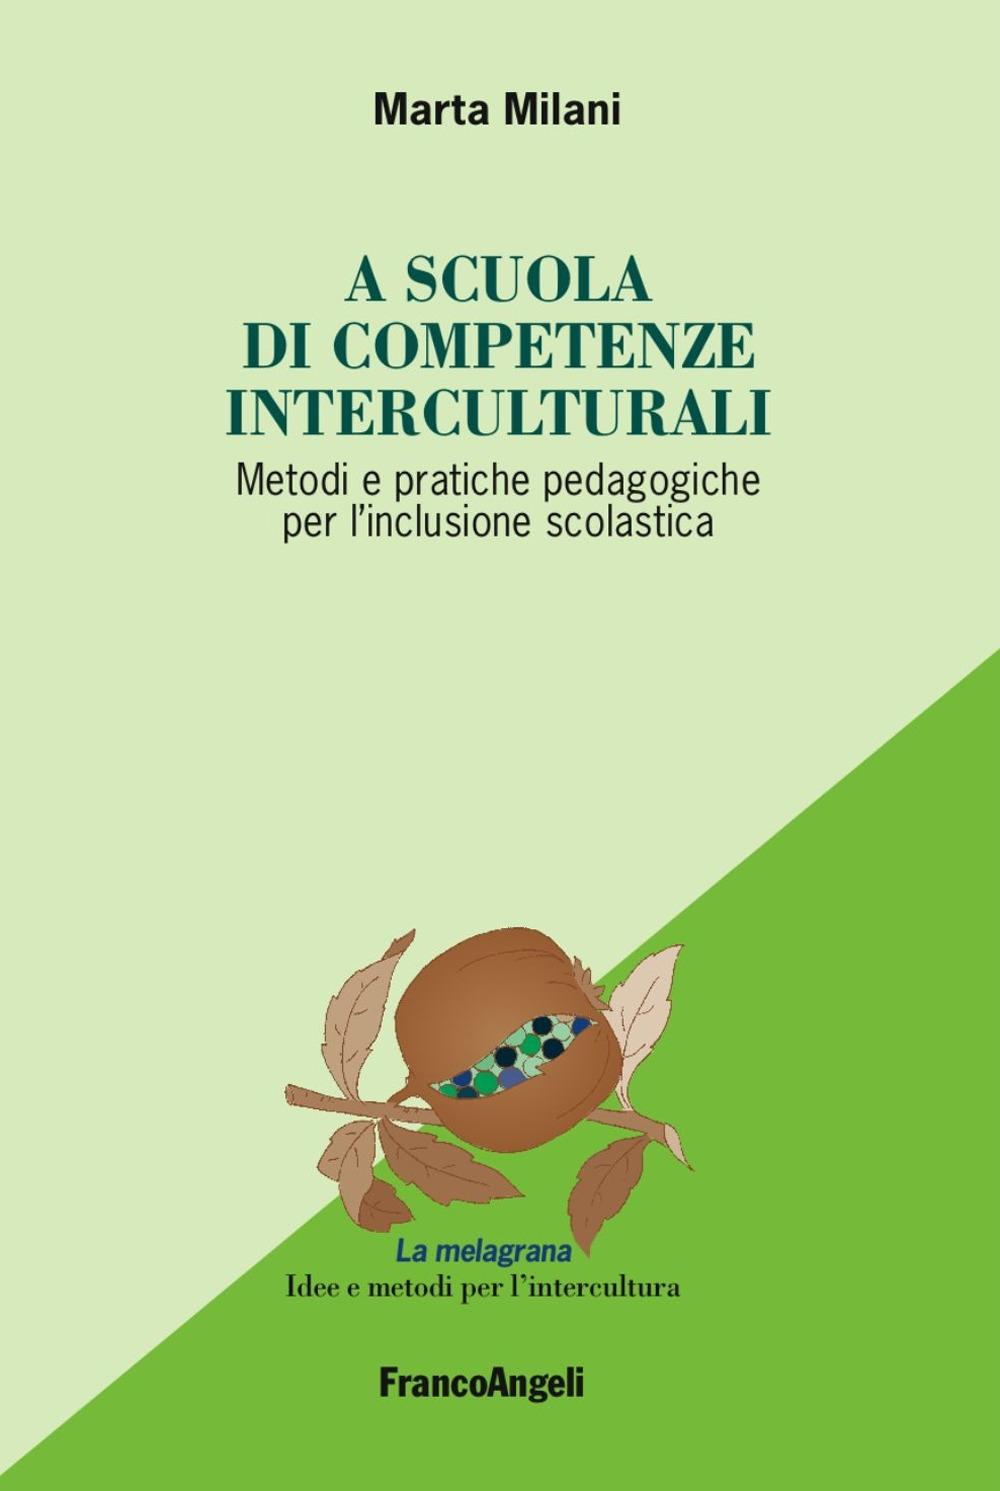 A scuola di competenze interculturali. Metodi e pratiche pedagogiche per l'inclusione scolastica